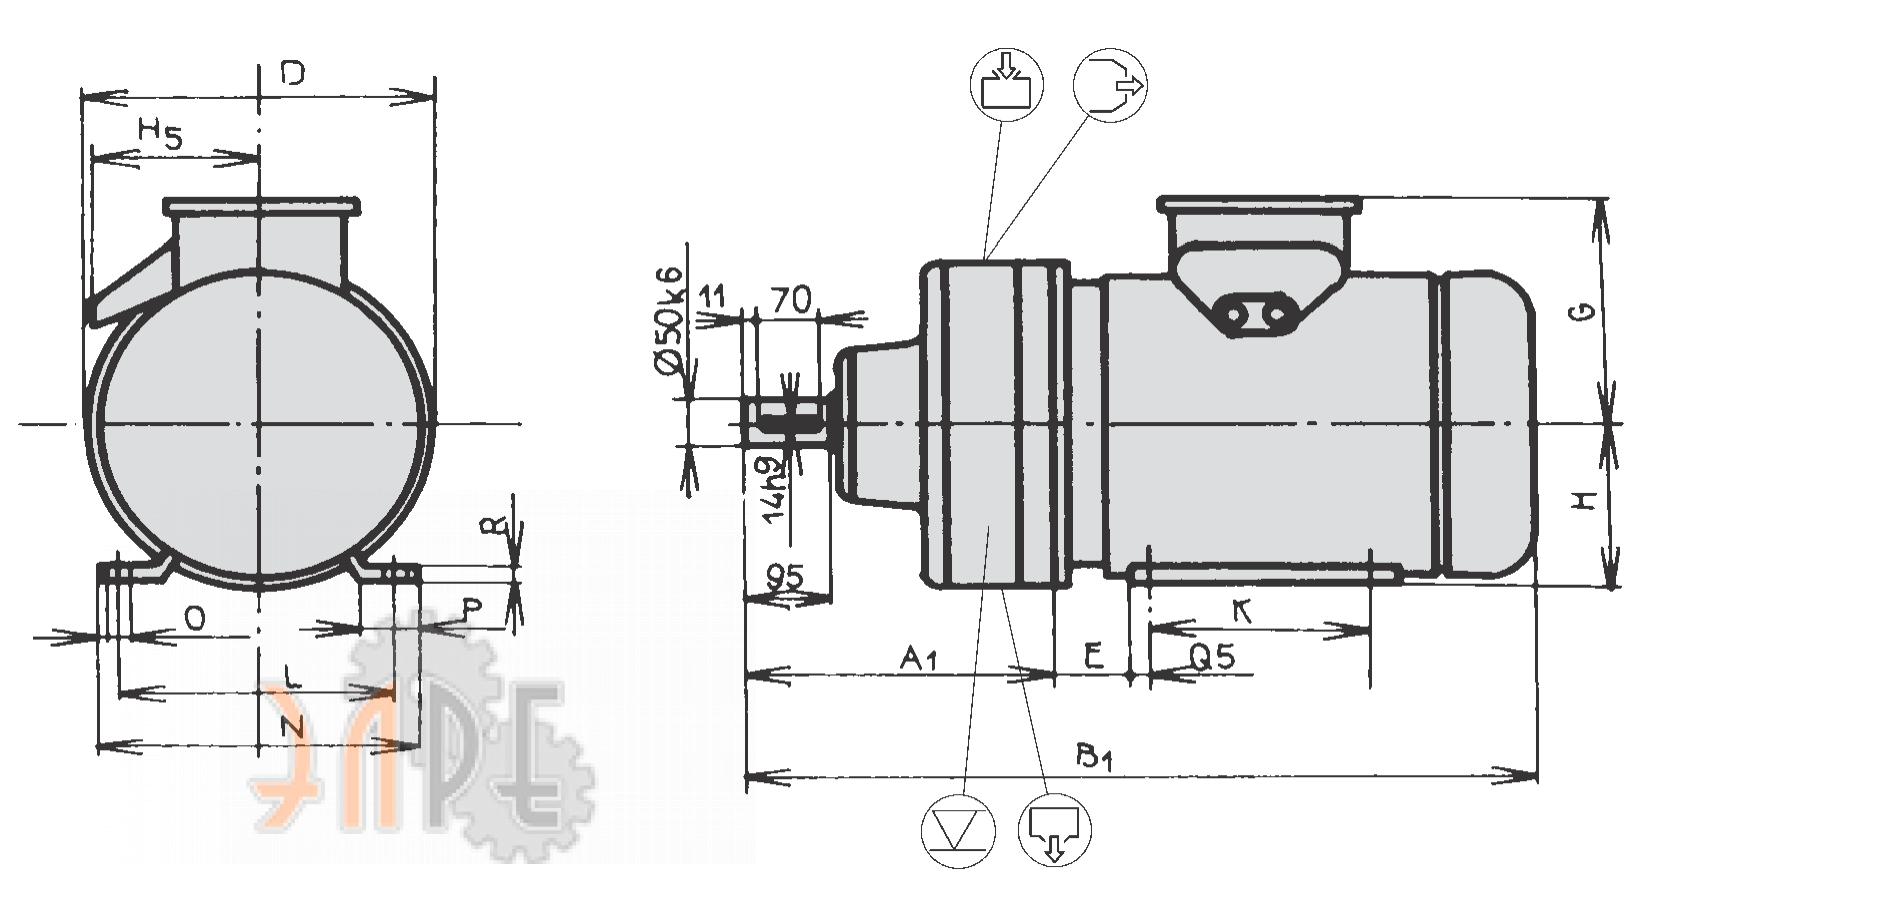 Исполнение и габаритные размеры ZTS Sabinov EP 41 двигатель 1 LA Исполнение 10